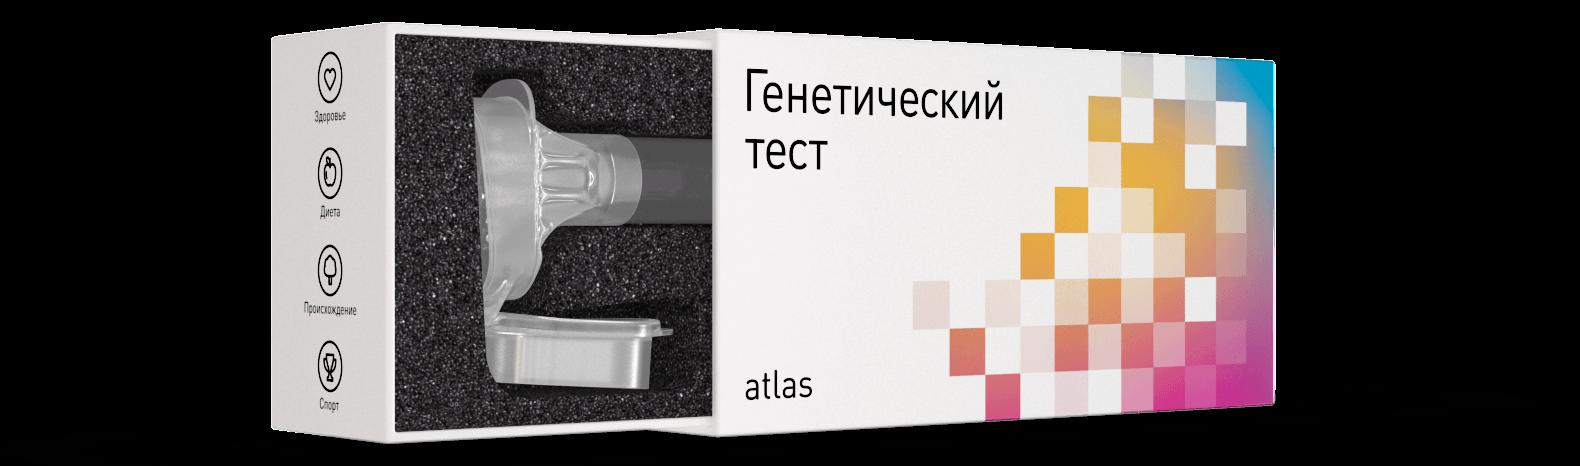 Про генетический тест «Атлас»: как, почему это совсем не дорого и чем мы лучше 23andMe - 1